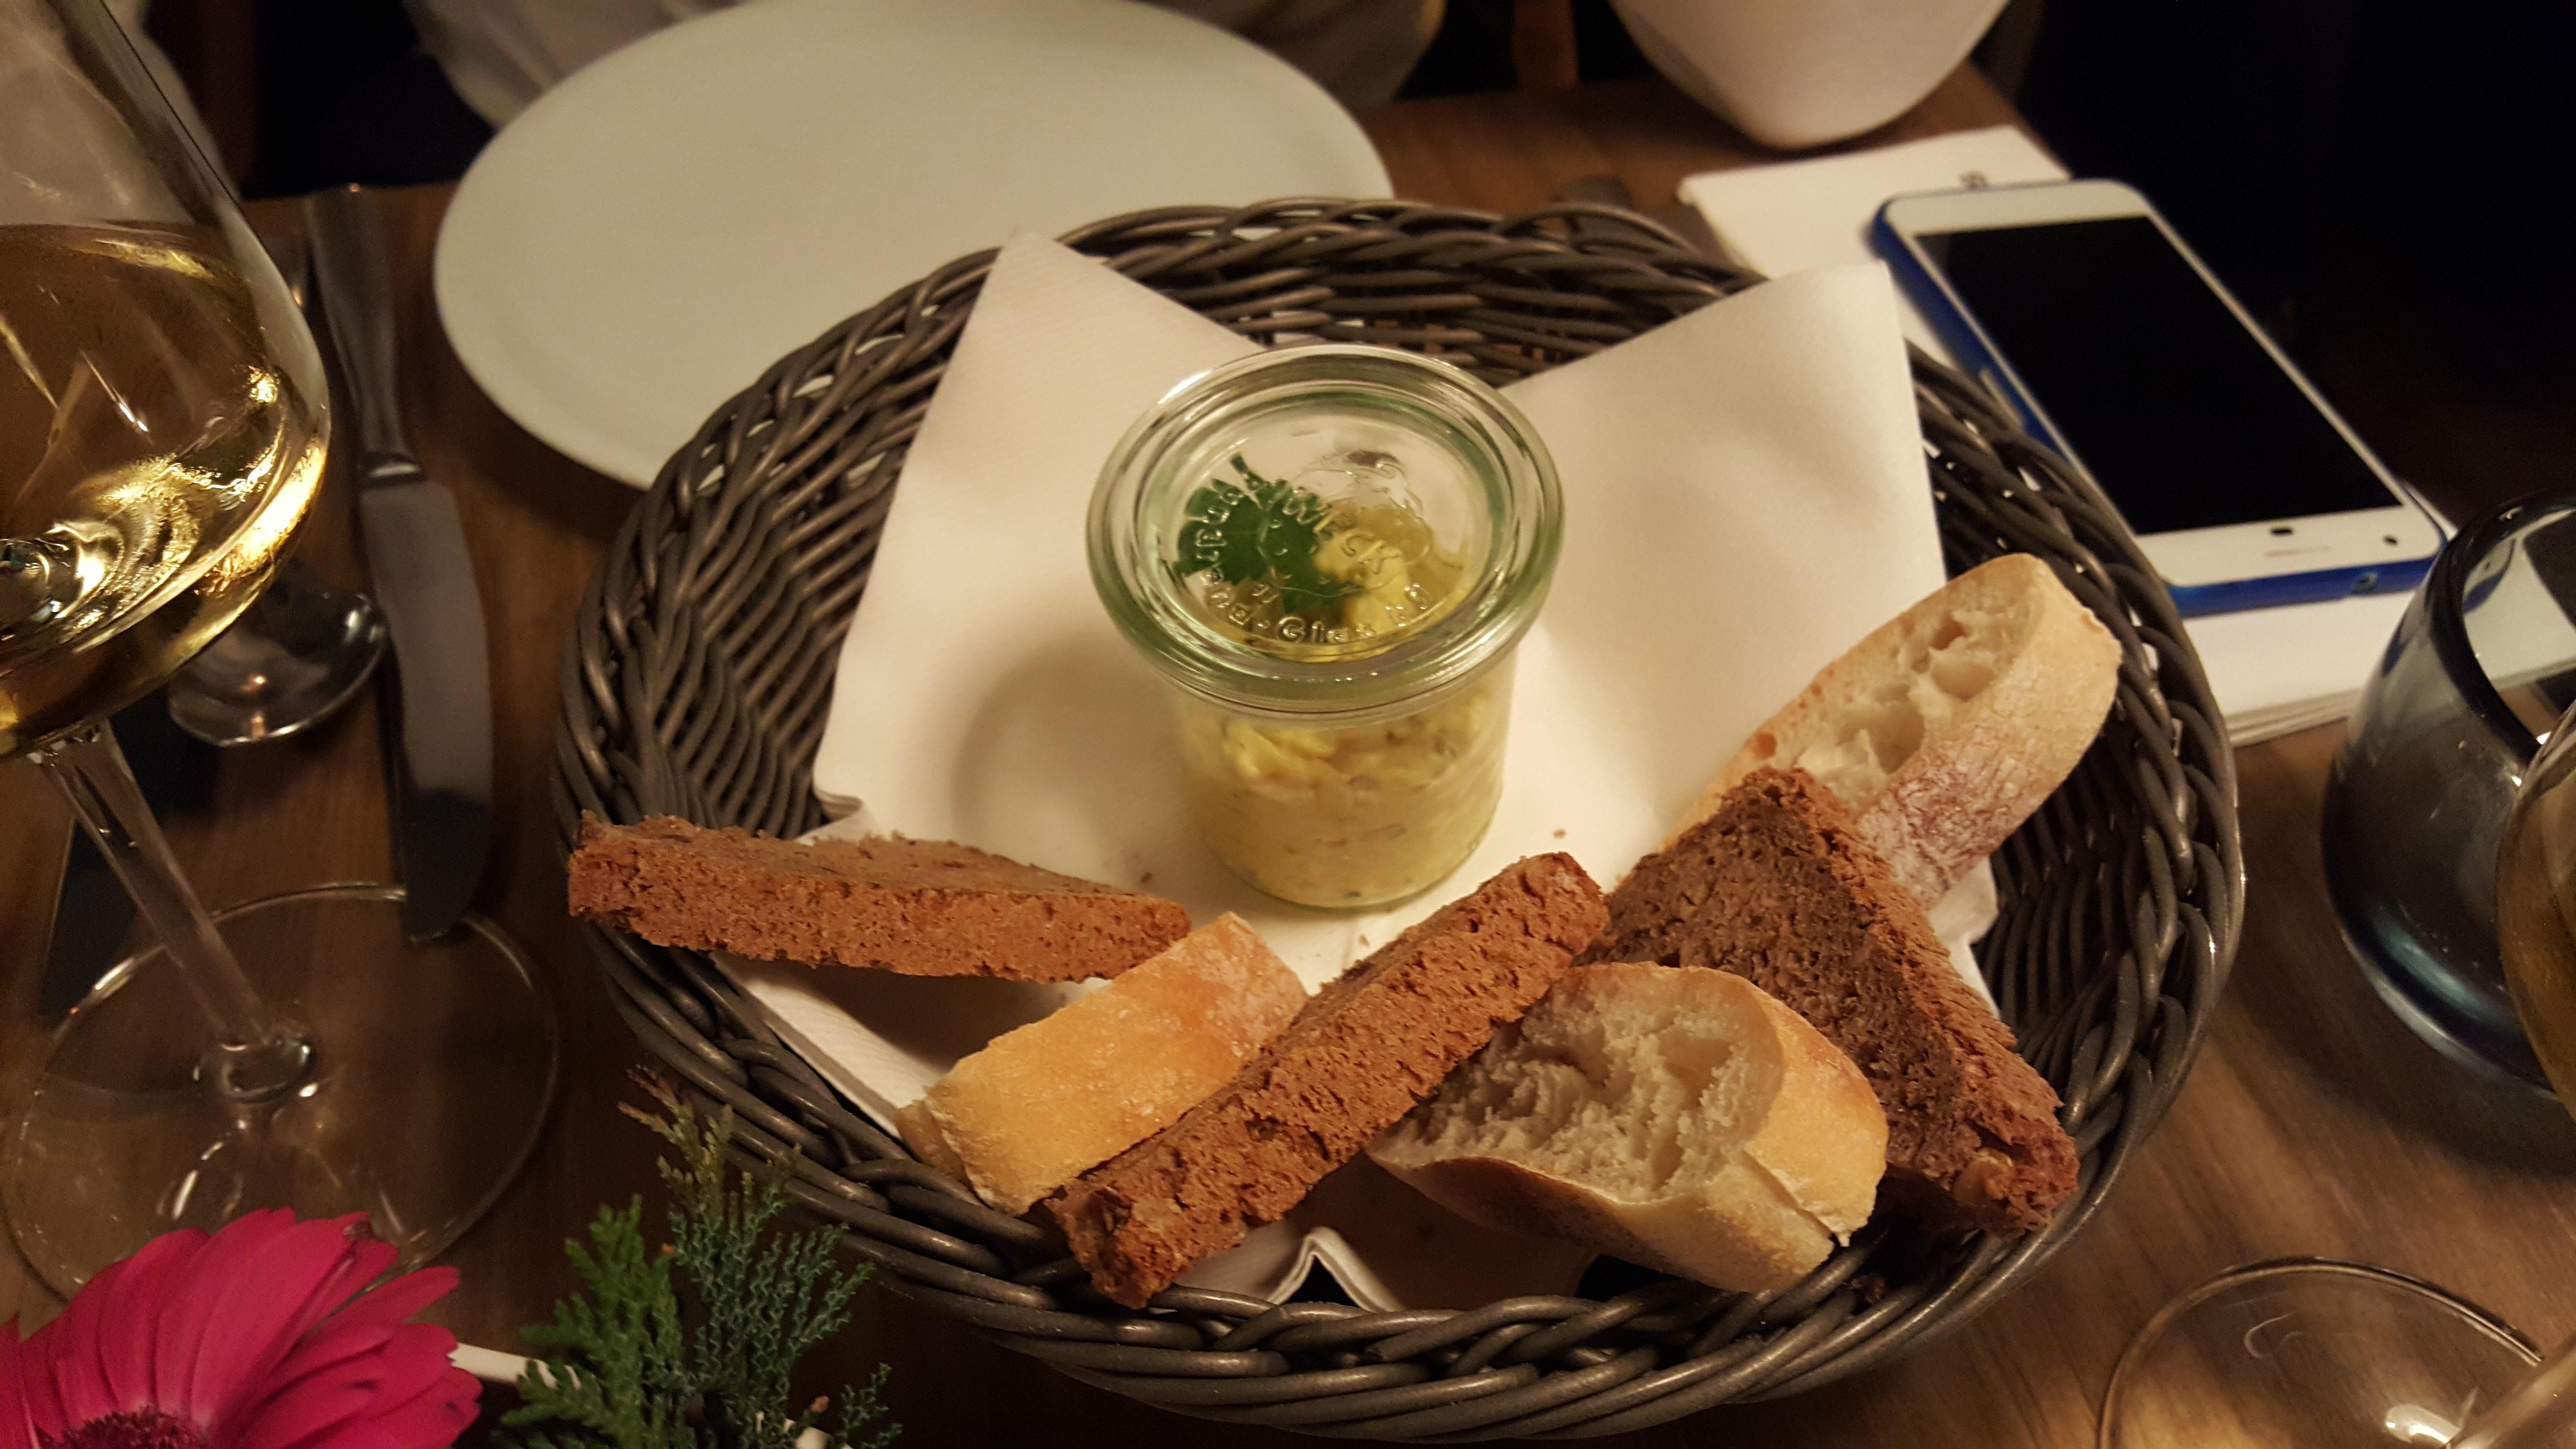 kopps veganes restaurant in berlin vegetarisch essen gehen. Black Bedroom Furniture Sets. Home Design Ideas